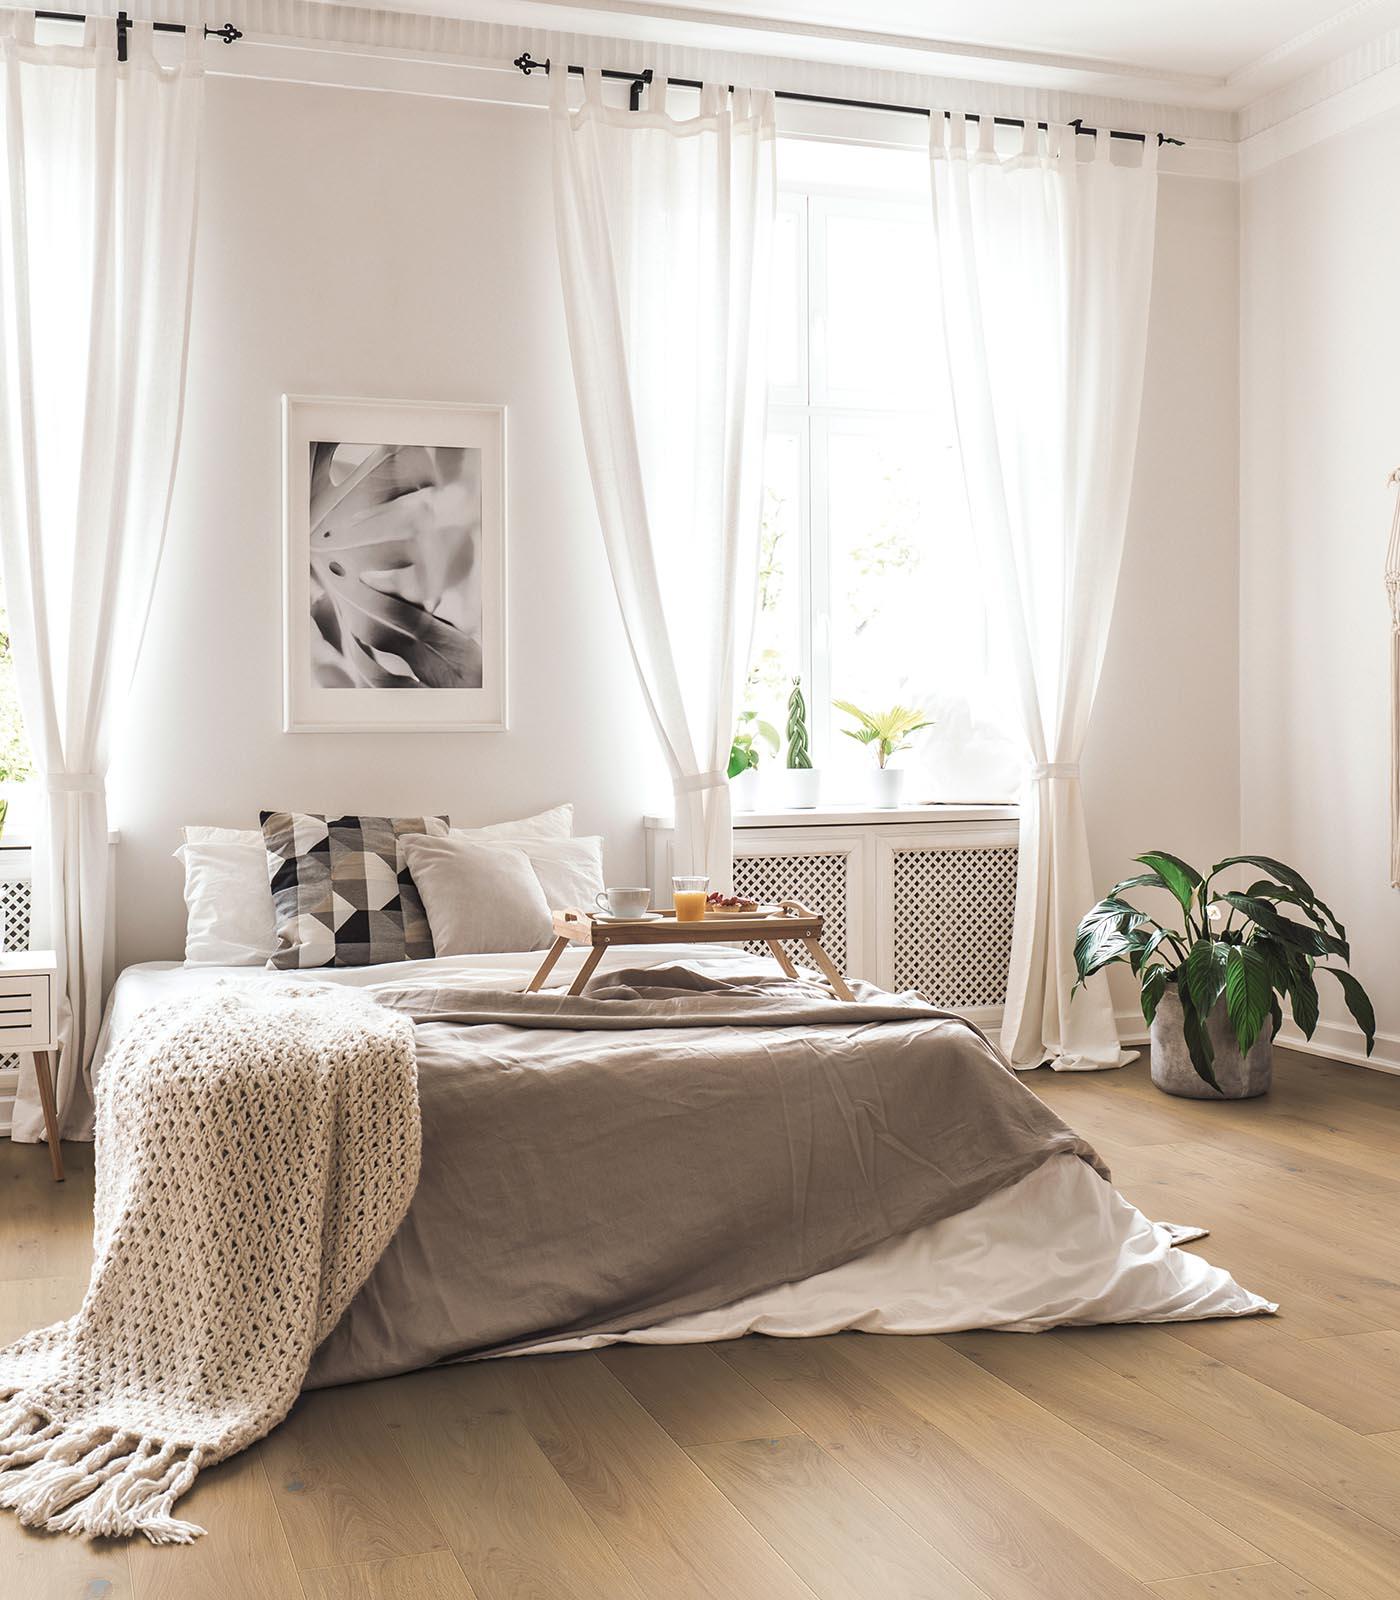 Cotopaxi Antique Collection European Oak Flooring-room